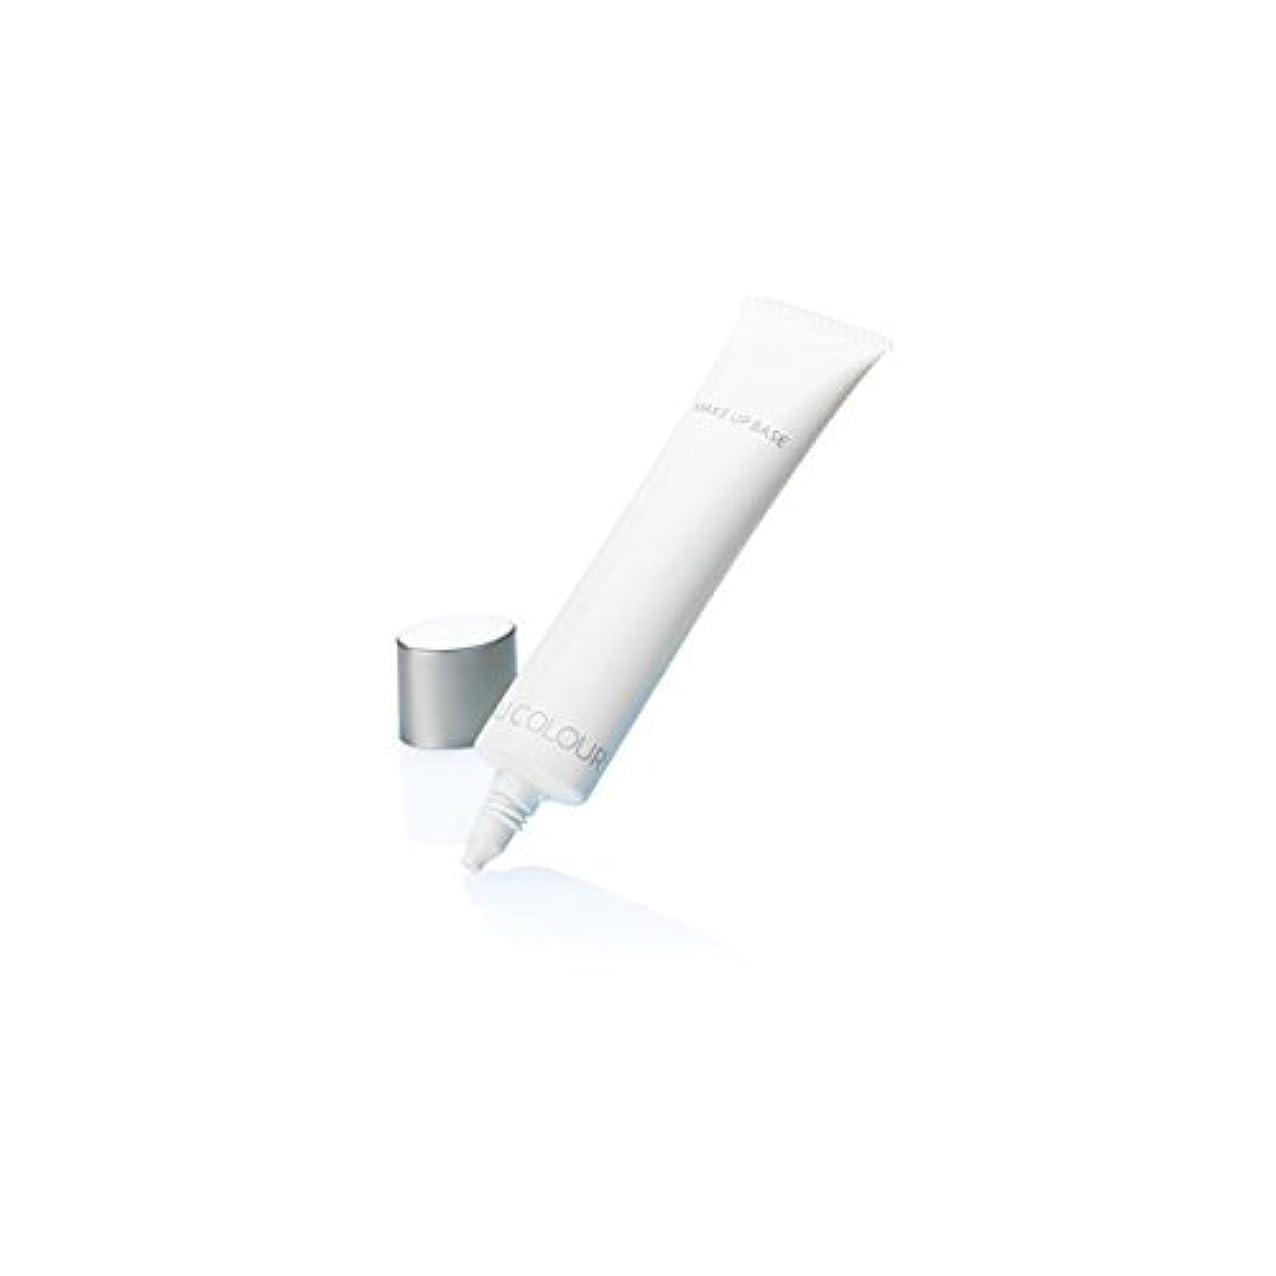 教育者世辞のためニュースキン NU SKIN UV メイクアップ ベース SPF18?PA++ クリア 03160813